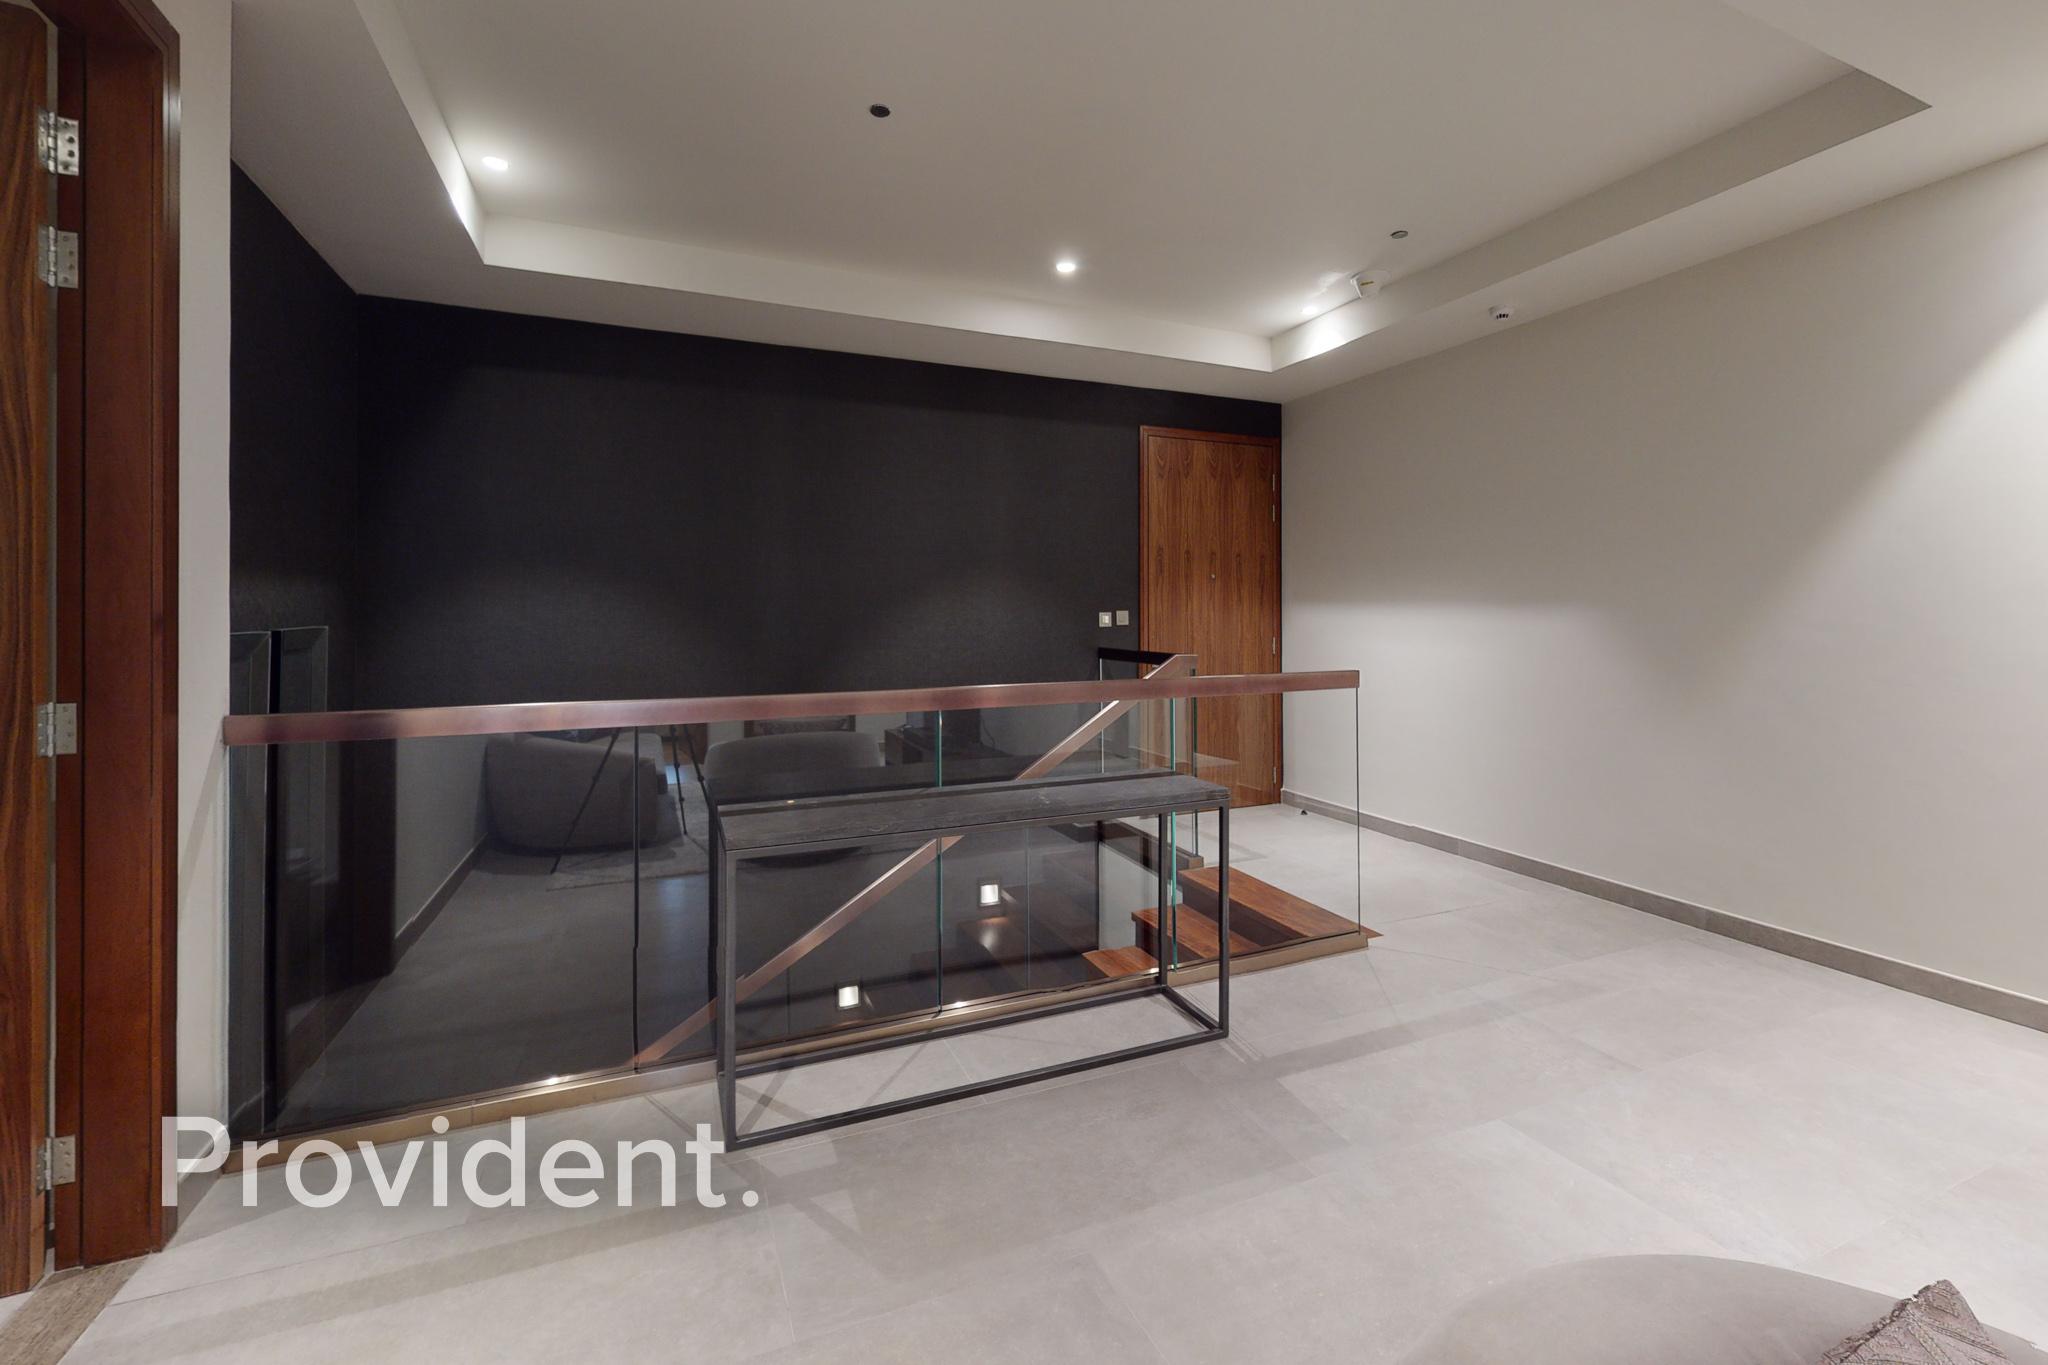 3BR Duplex Villa|Full Marina View|Fully Furnished